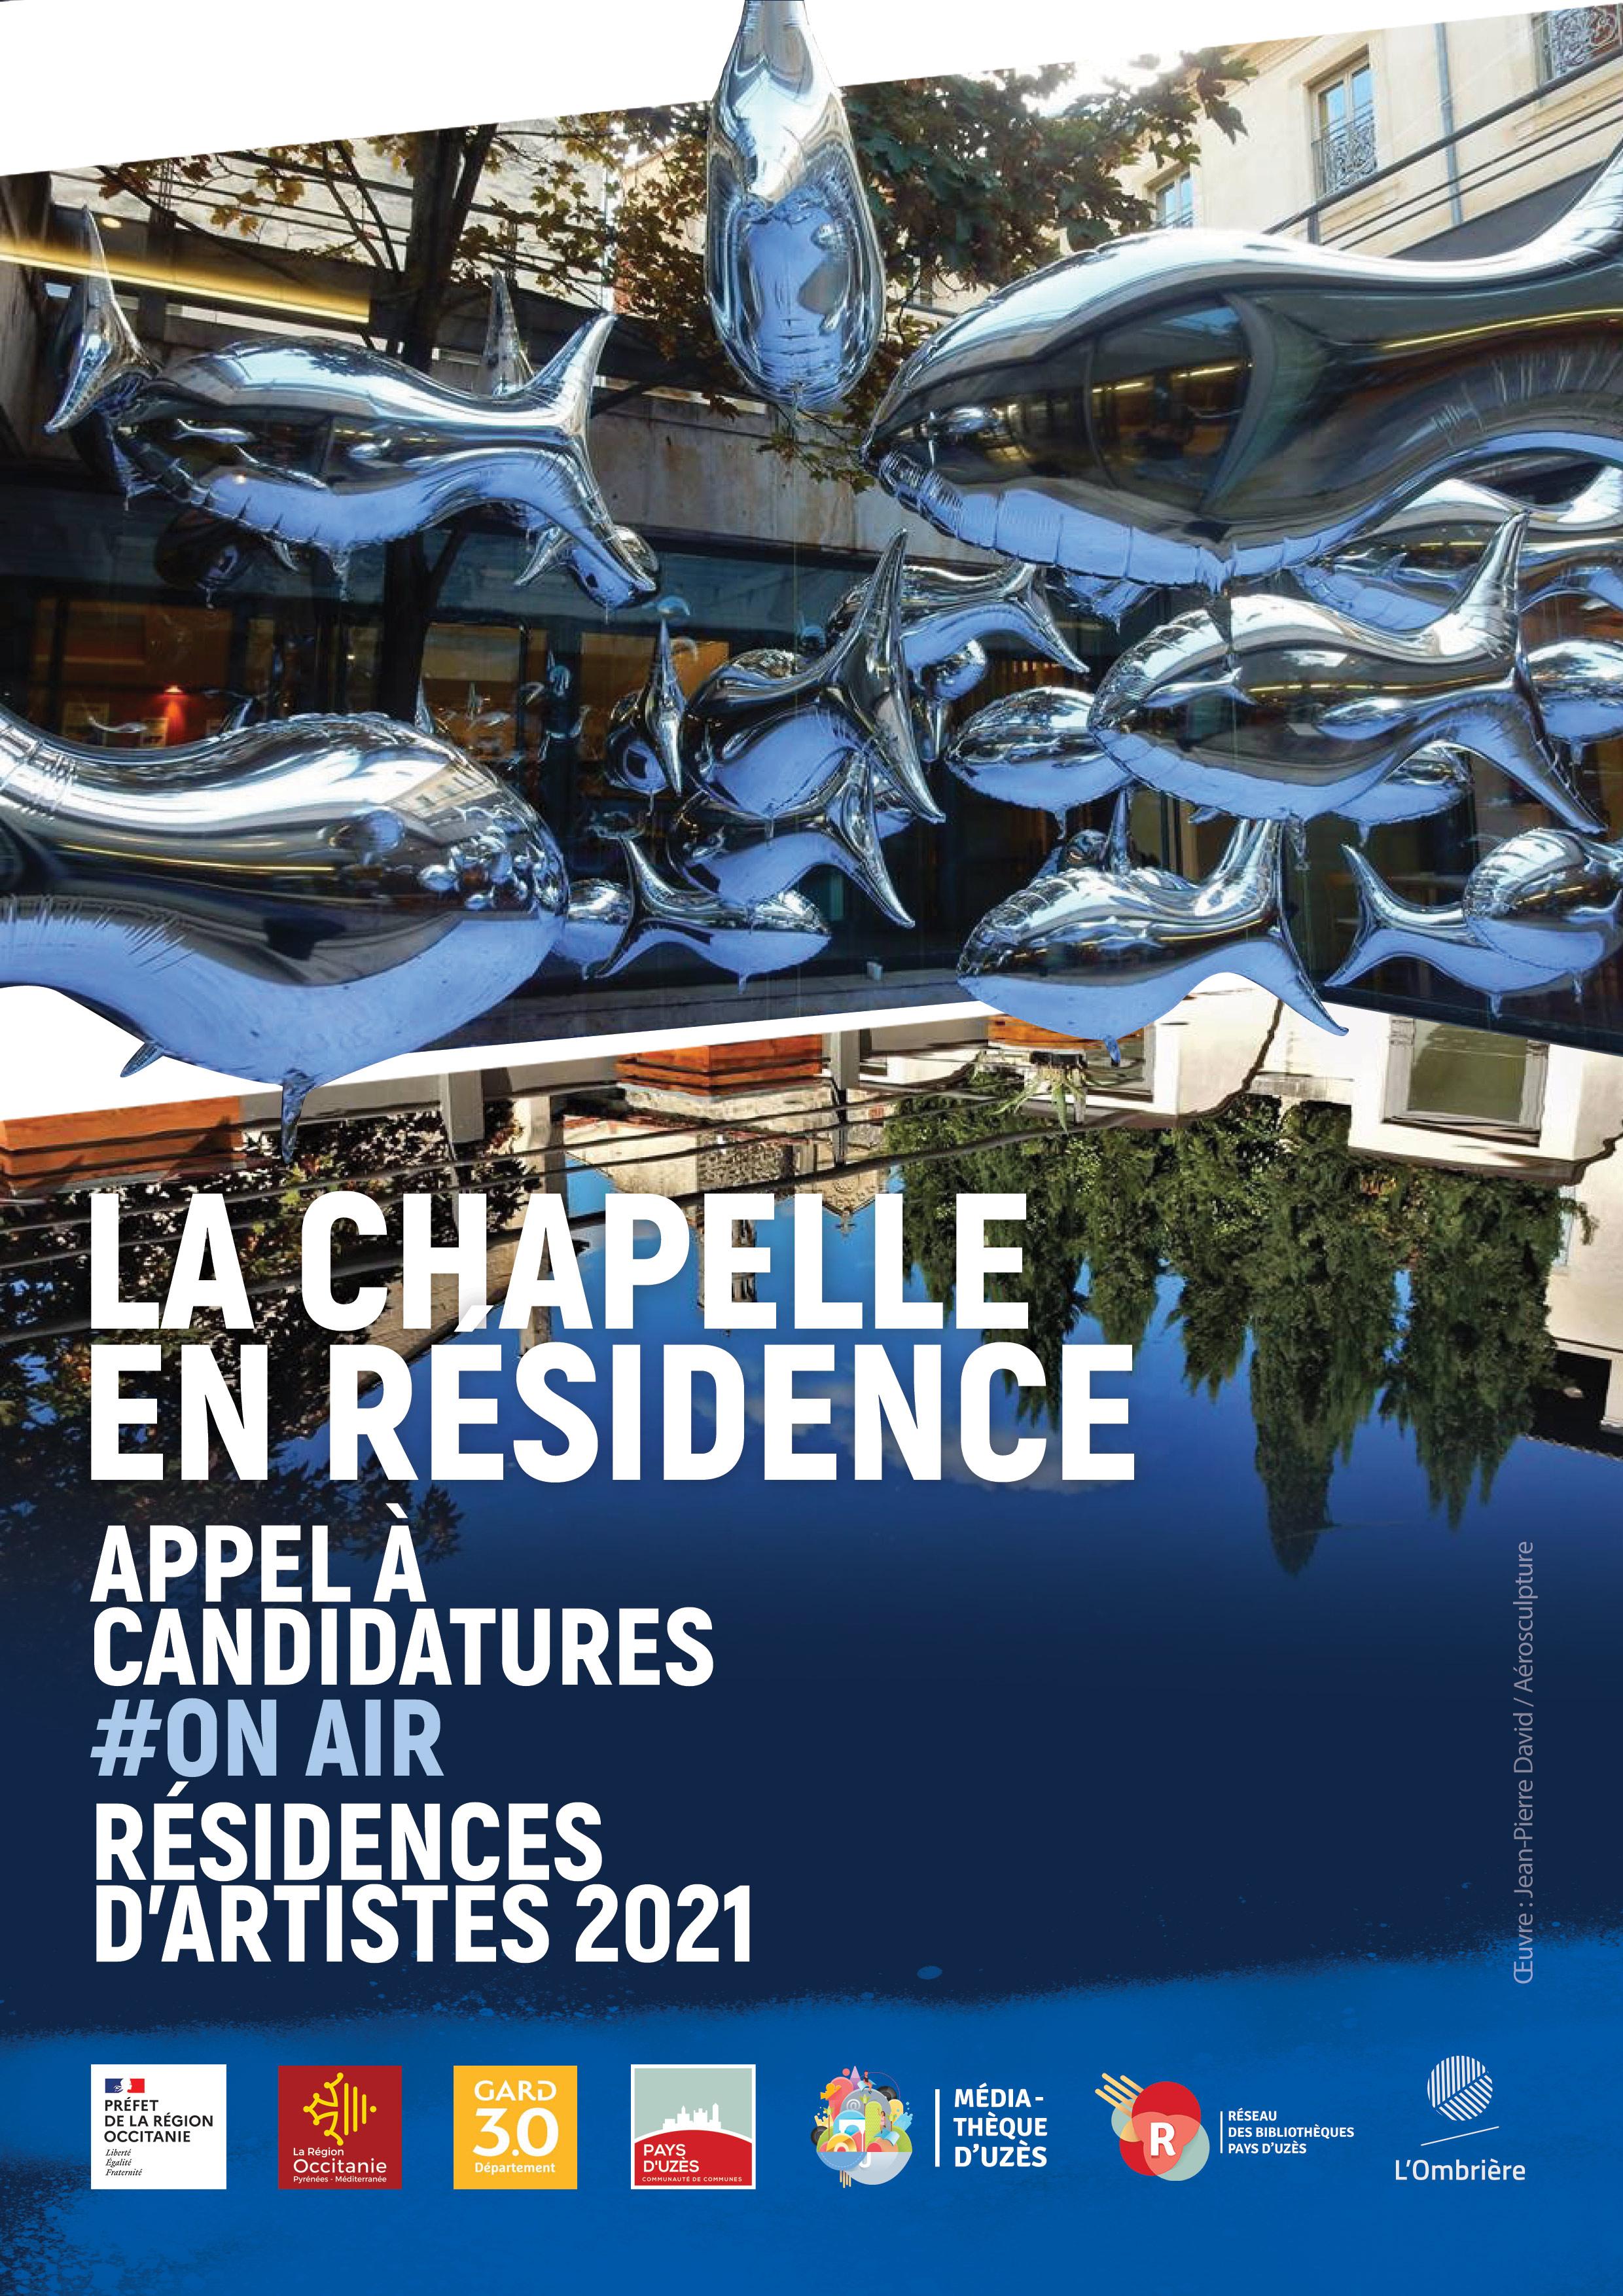 Appel à candidatures 2021 - Résidences d'Artistes - Chapelle de la médiathèque d'Uzès